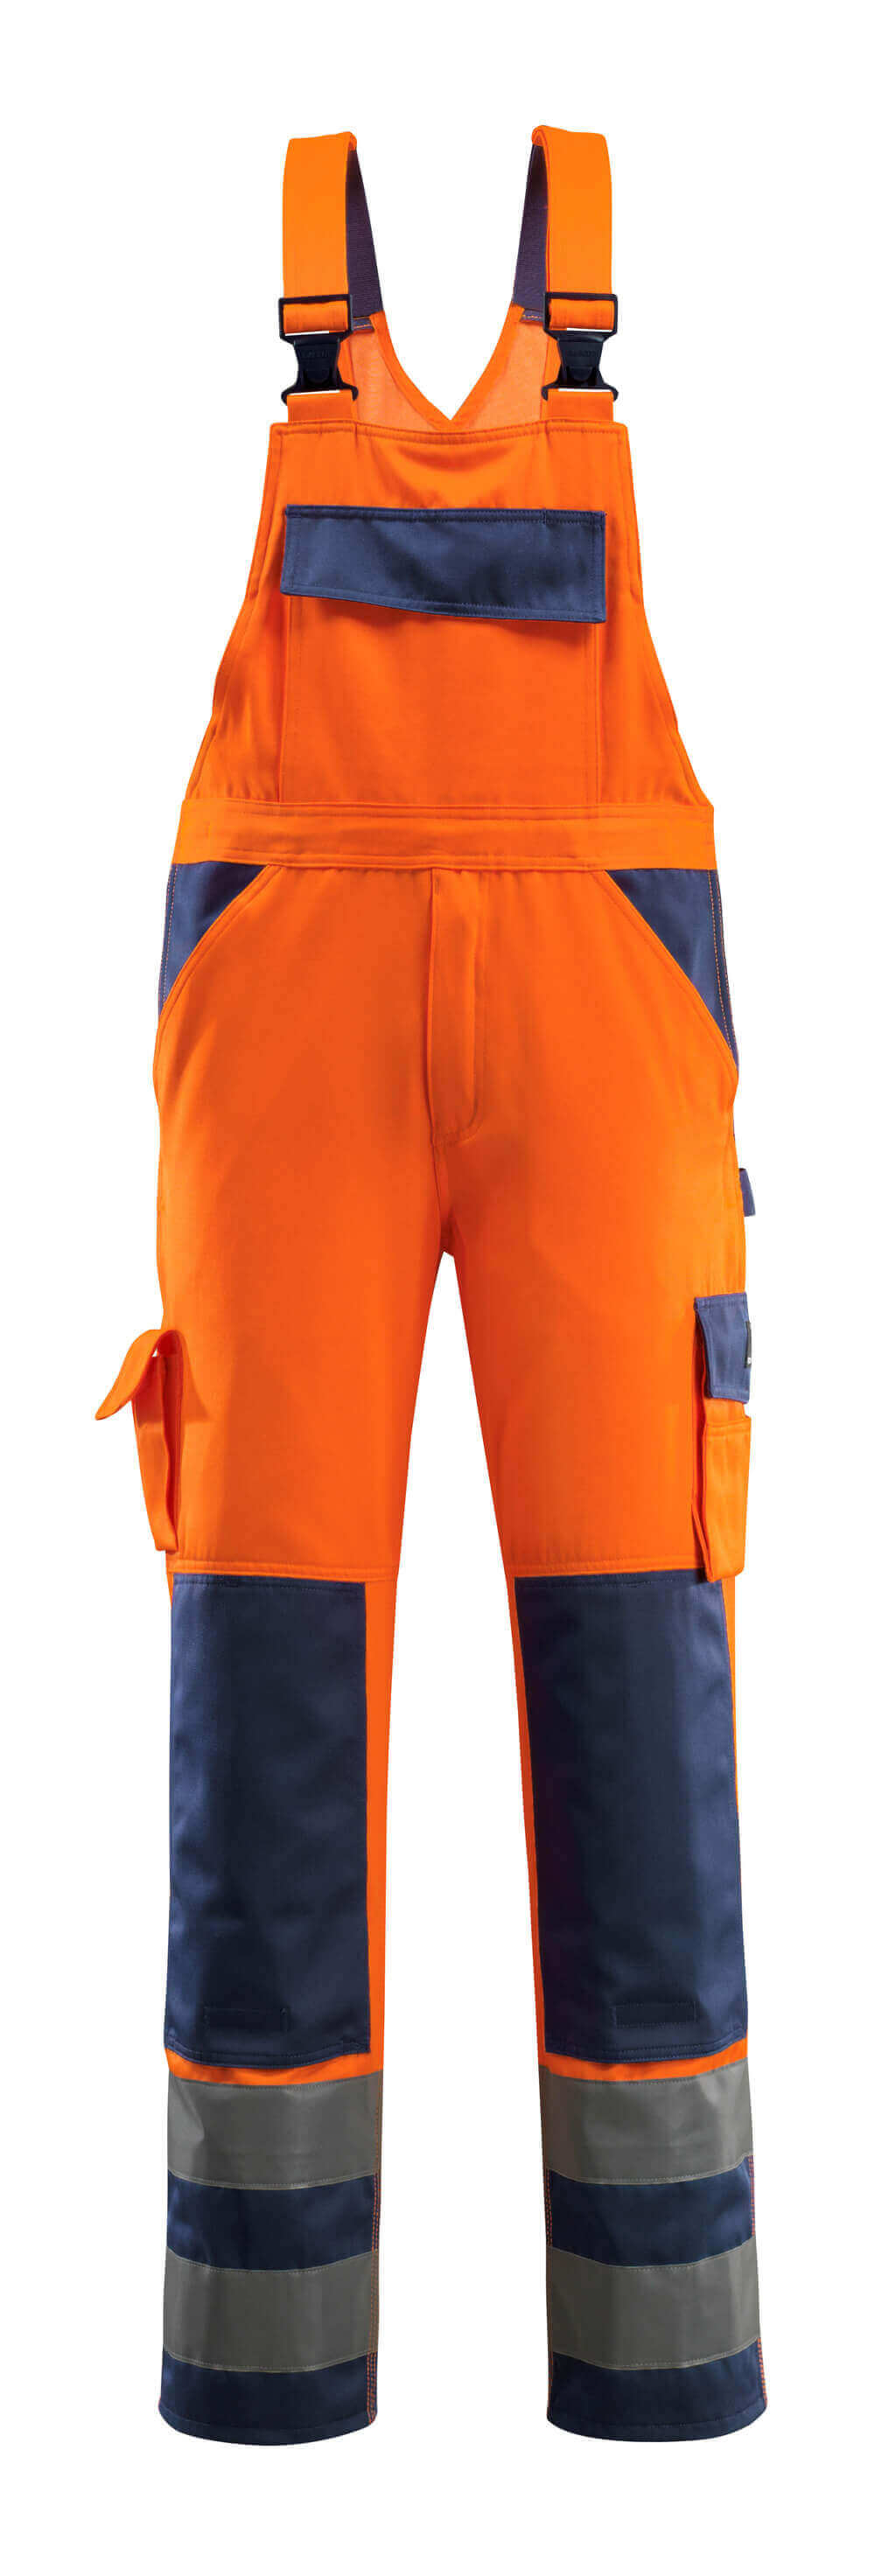 07169-860-141 Avosuoja polvitaskuilla - hi-vis oranssi/tummansininen